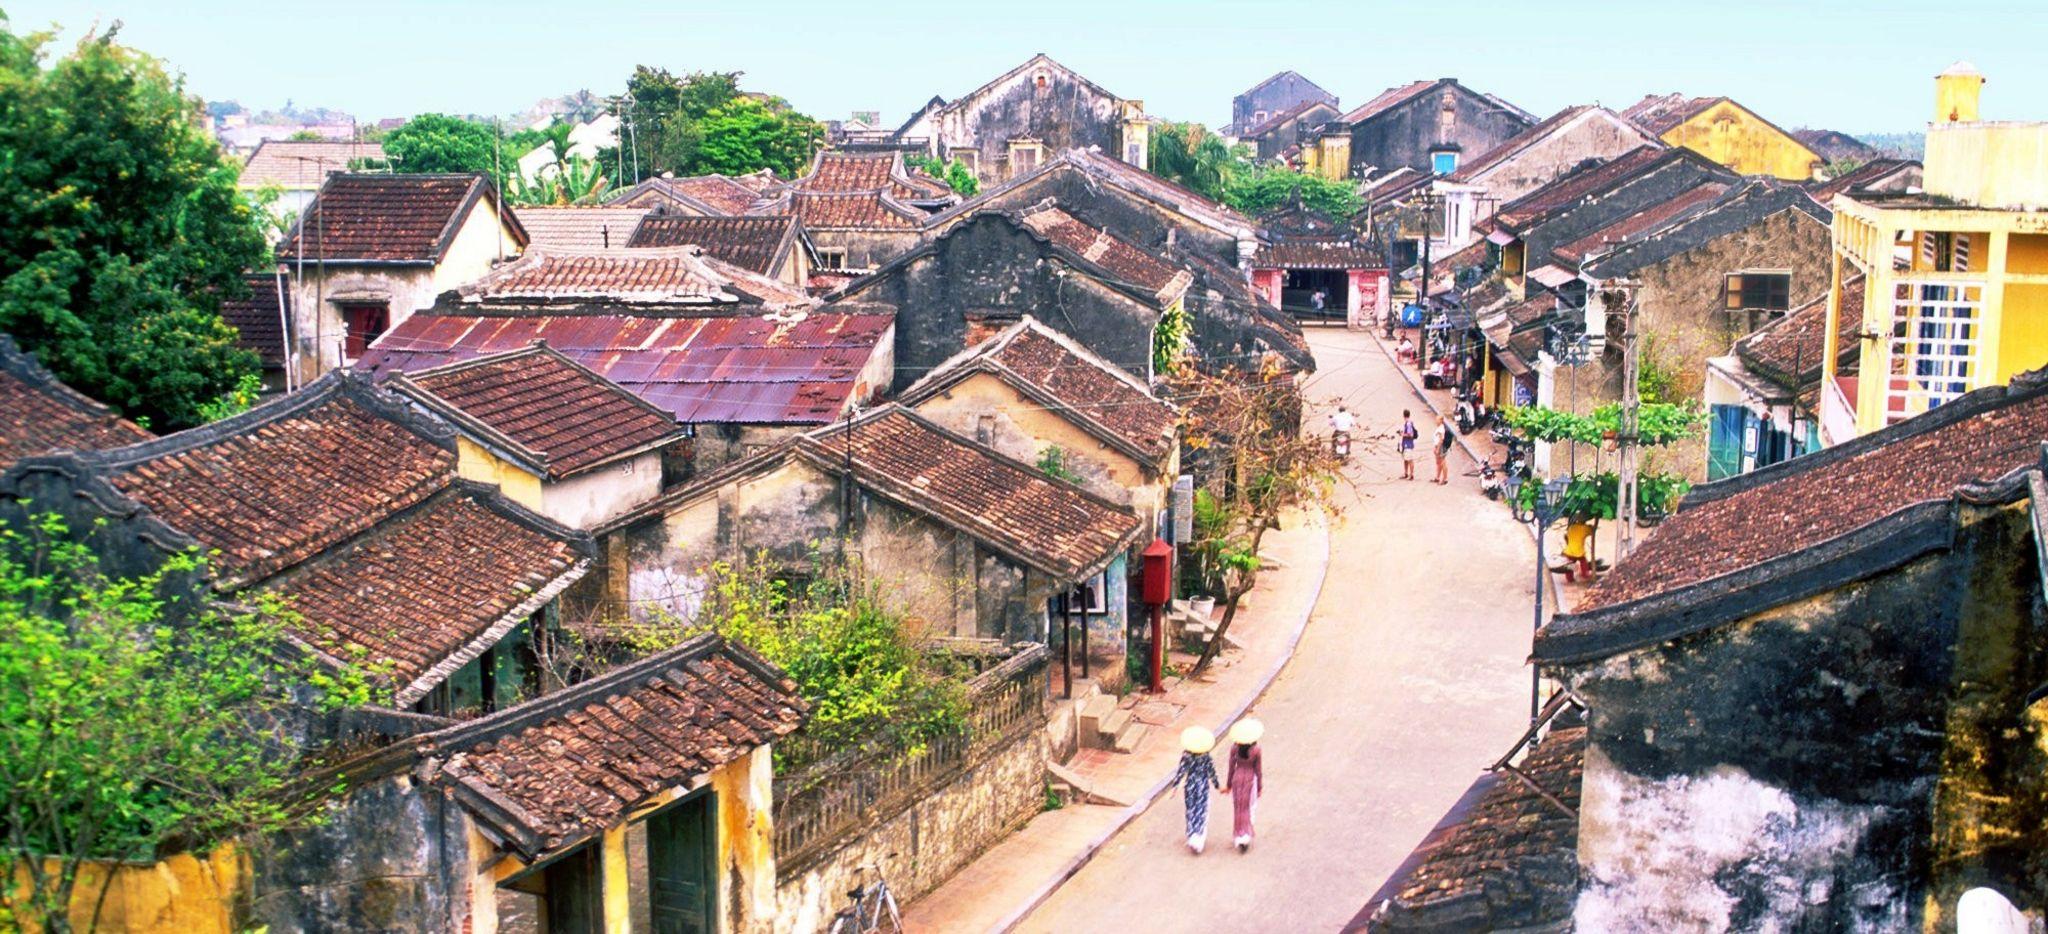 Eine Straße durch alte Gebäude in Vietnam